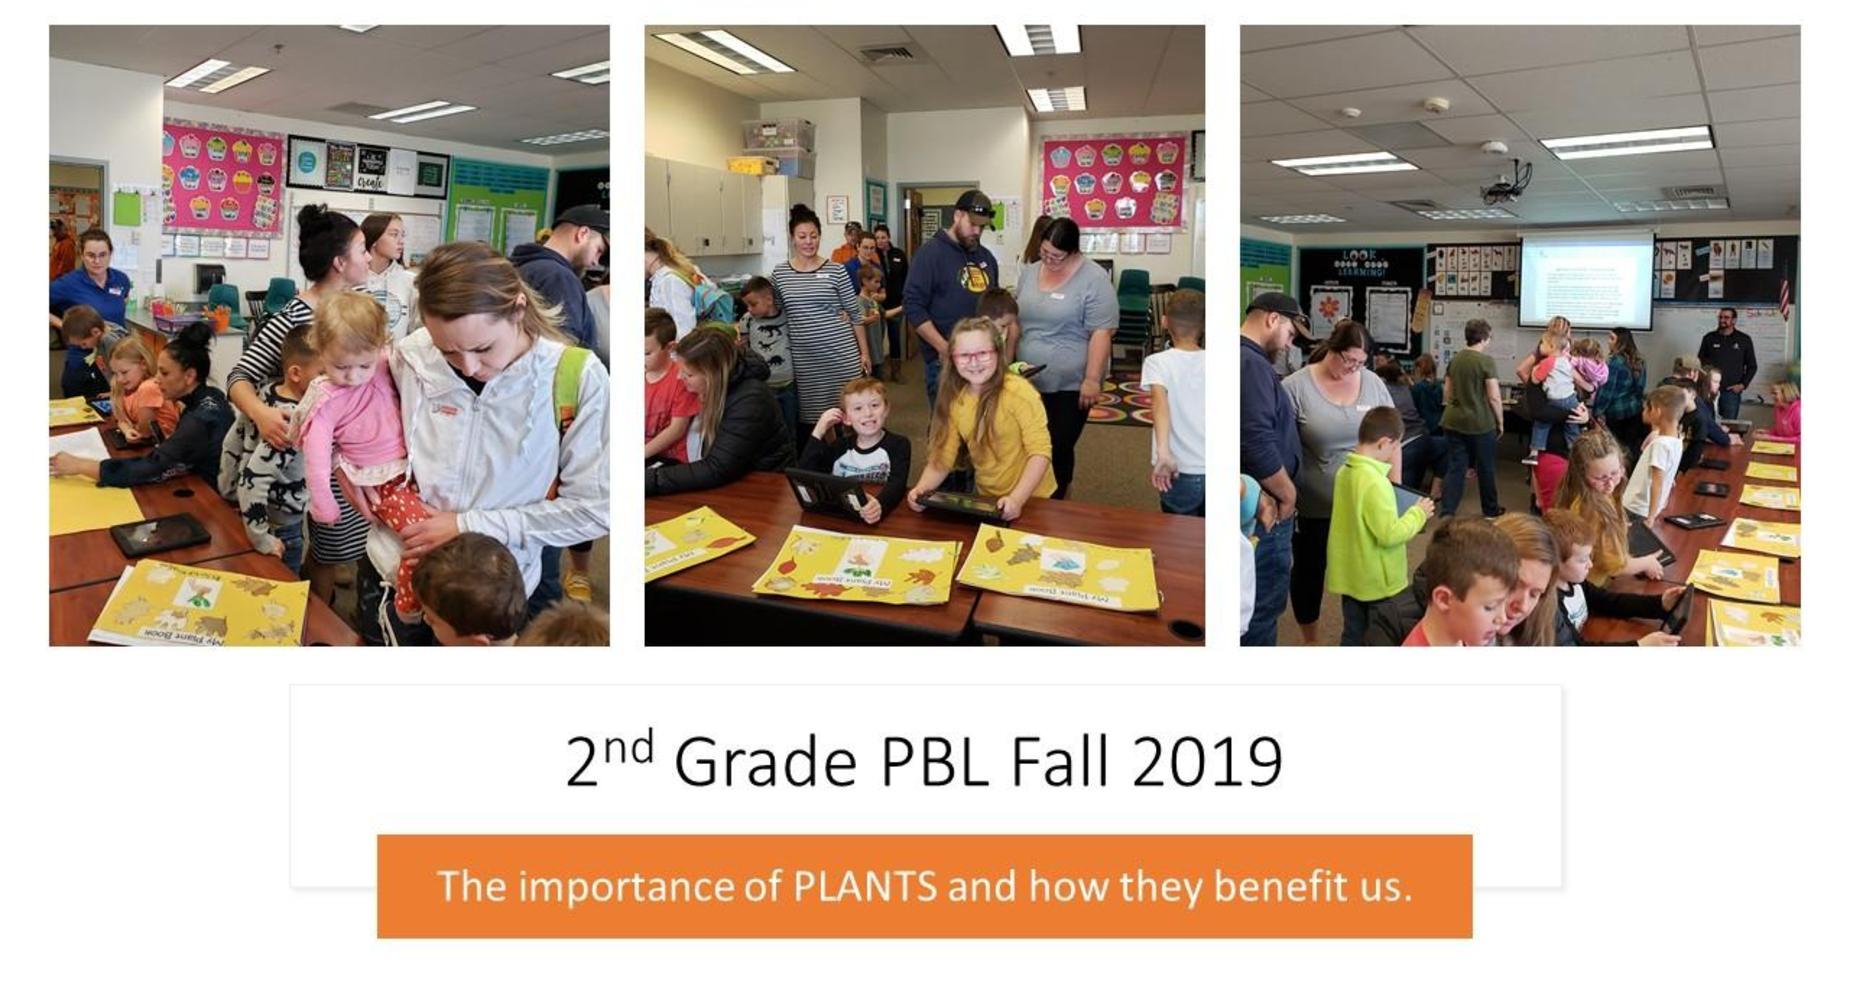 2nd grade PBL